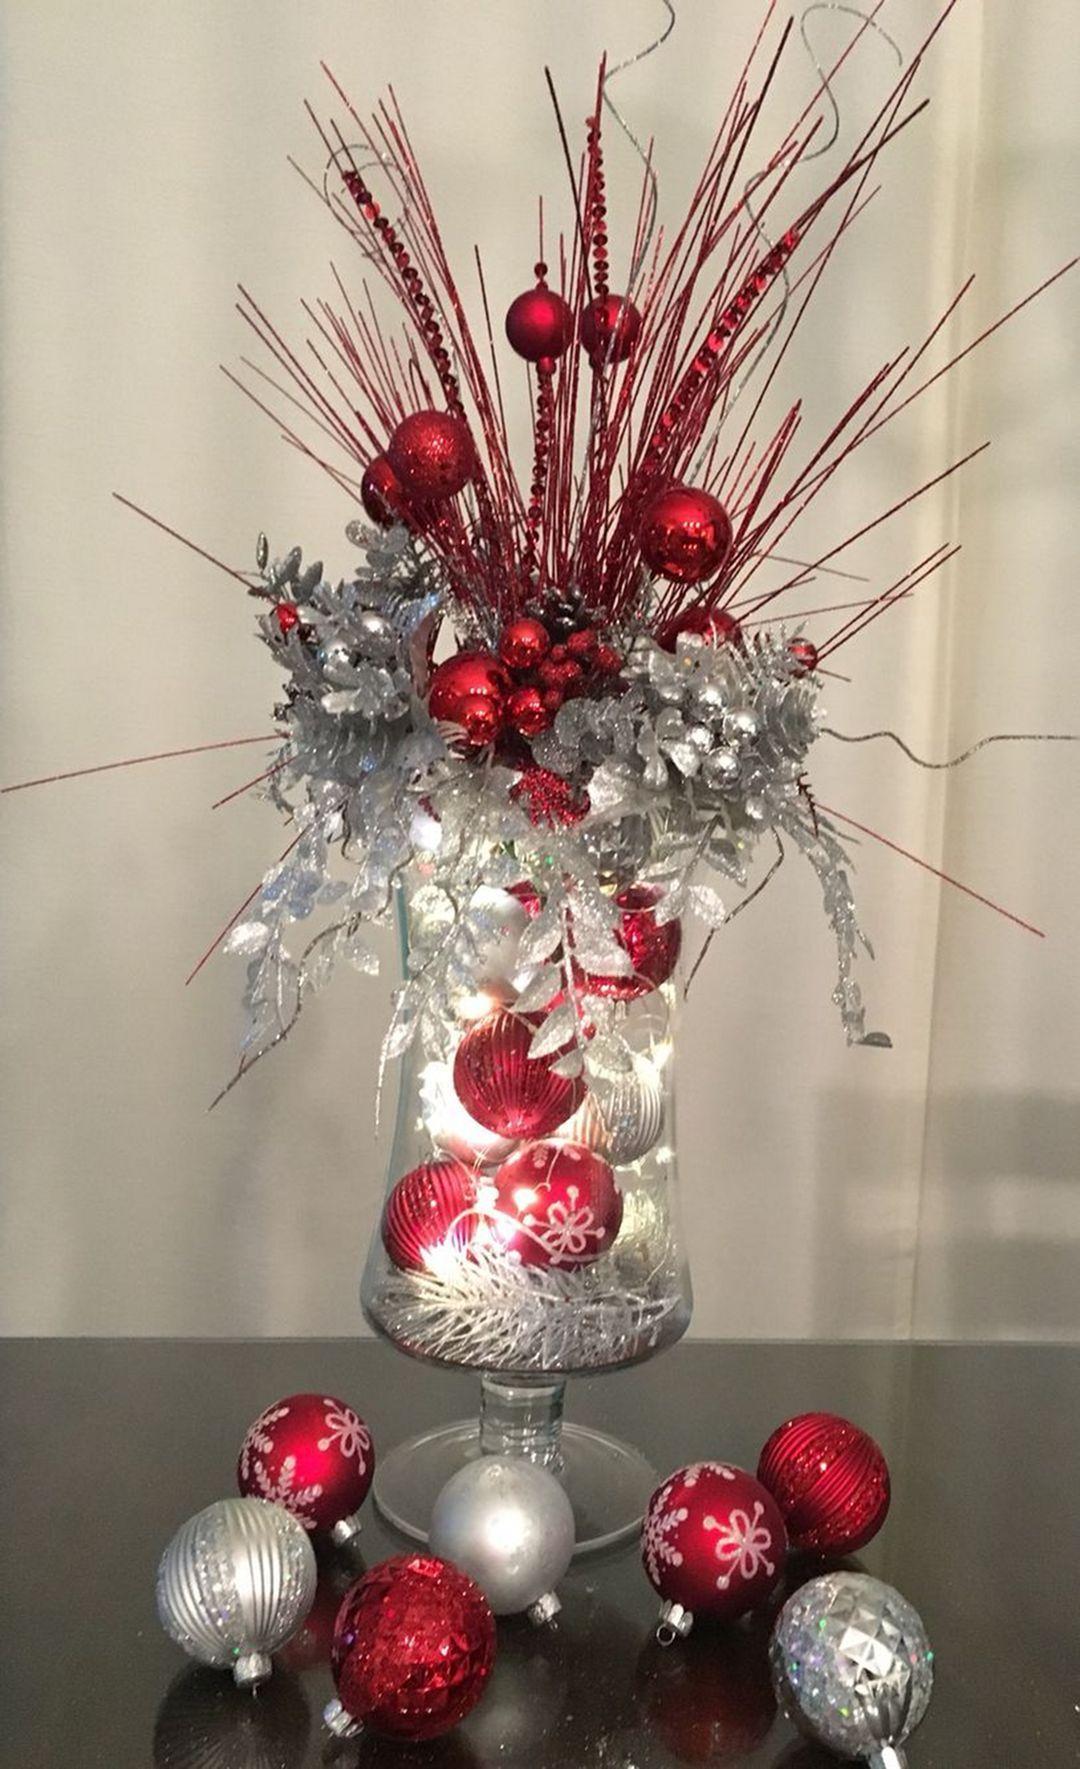 35 Einfache Schone Weihnachtsmittelstucke Ideen Die Sich Jedes Volk Machen Konnte Diy Creative Ideas Christmas Vases Christmas Diy Christmas Decor Diy